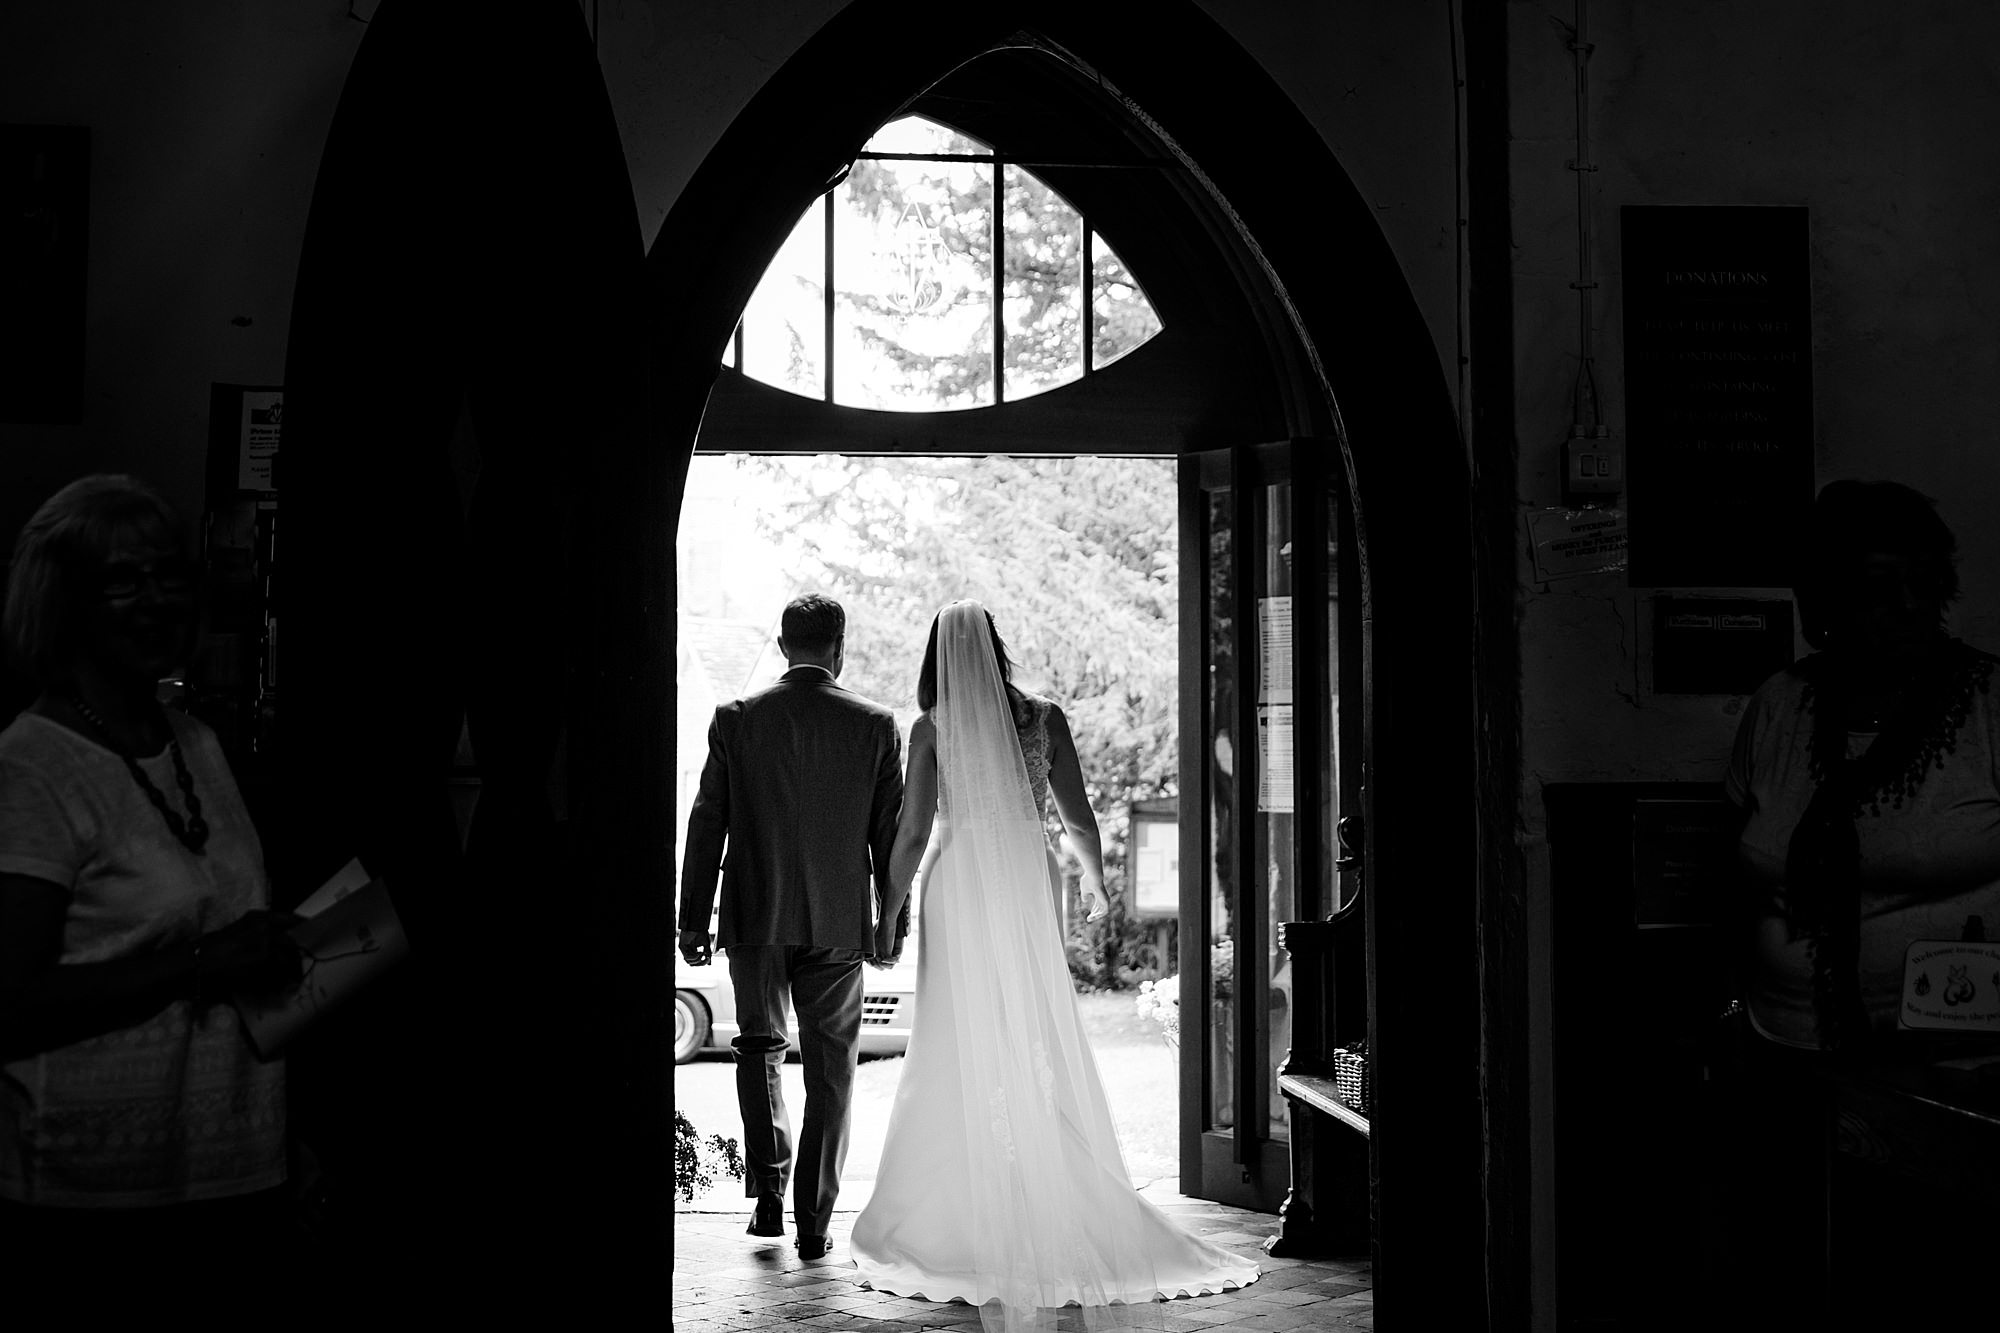 Writtle university college wedding bride and groom exit church door